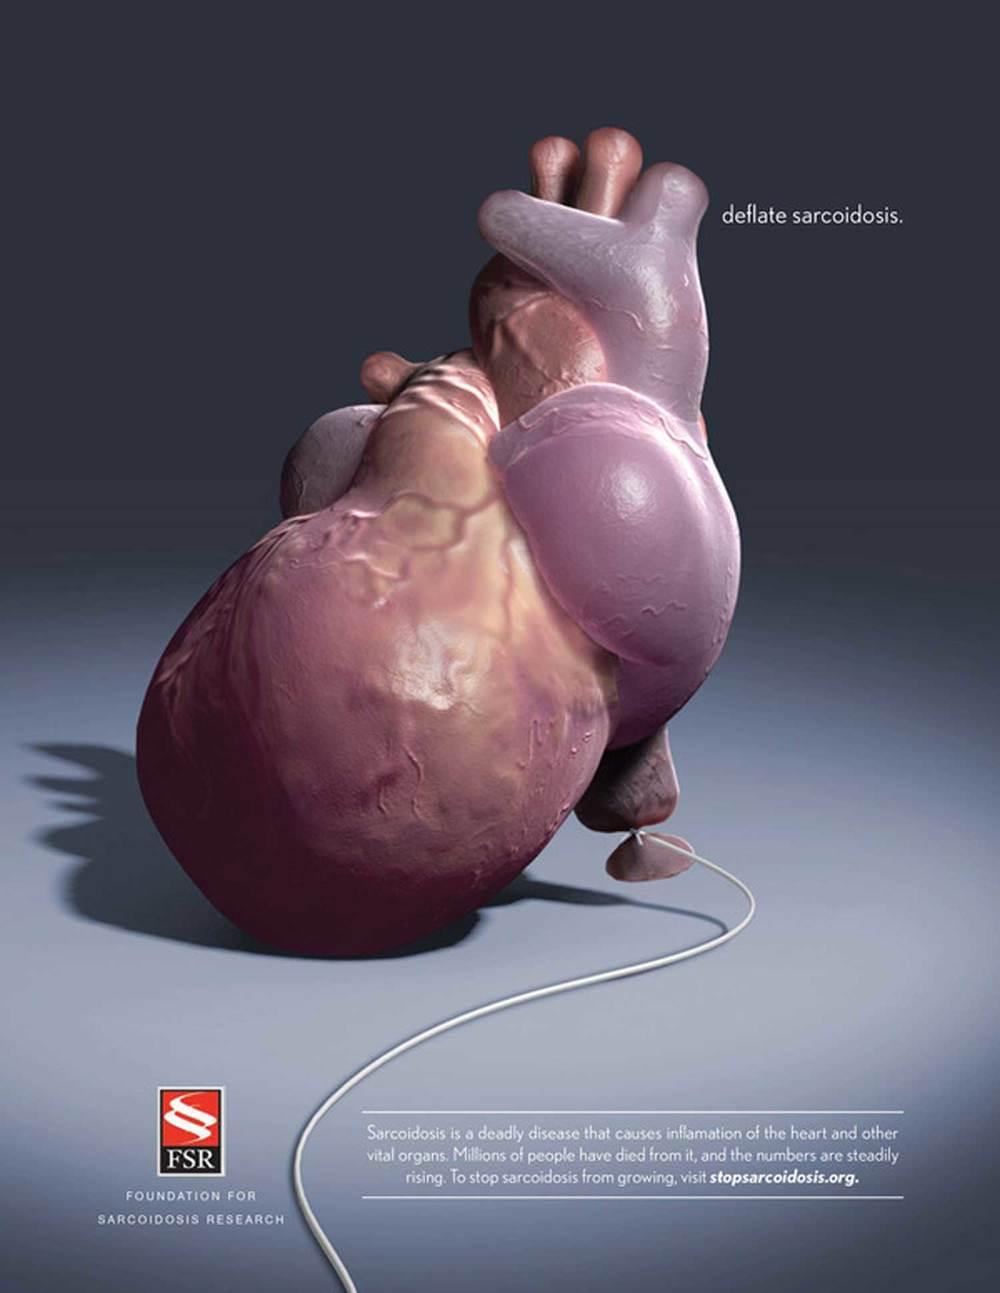 Sarcoidosis_Heart_1500px.jpg